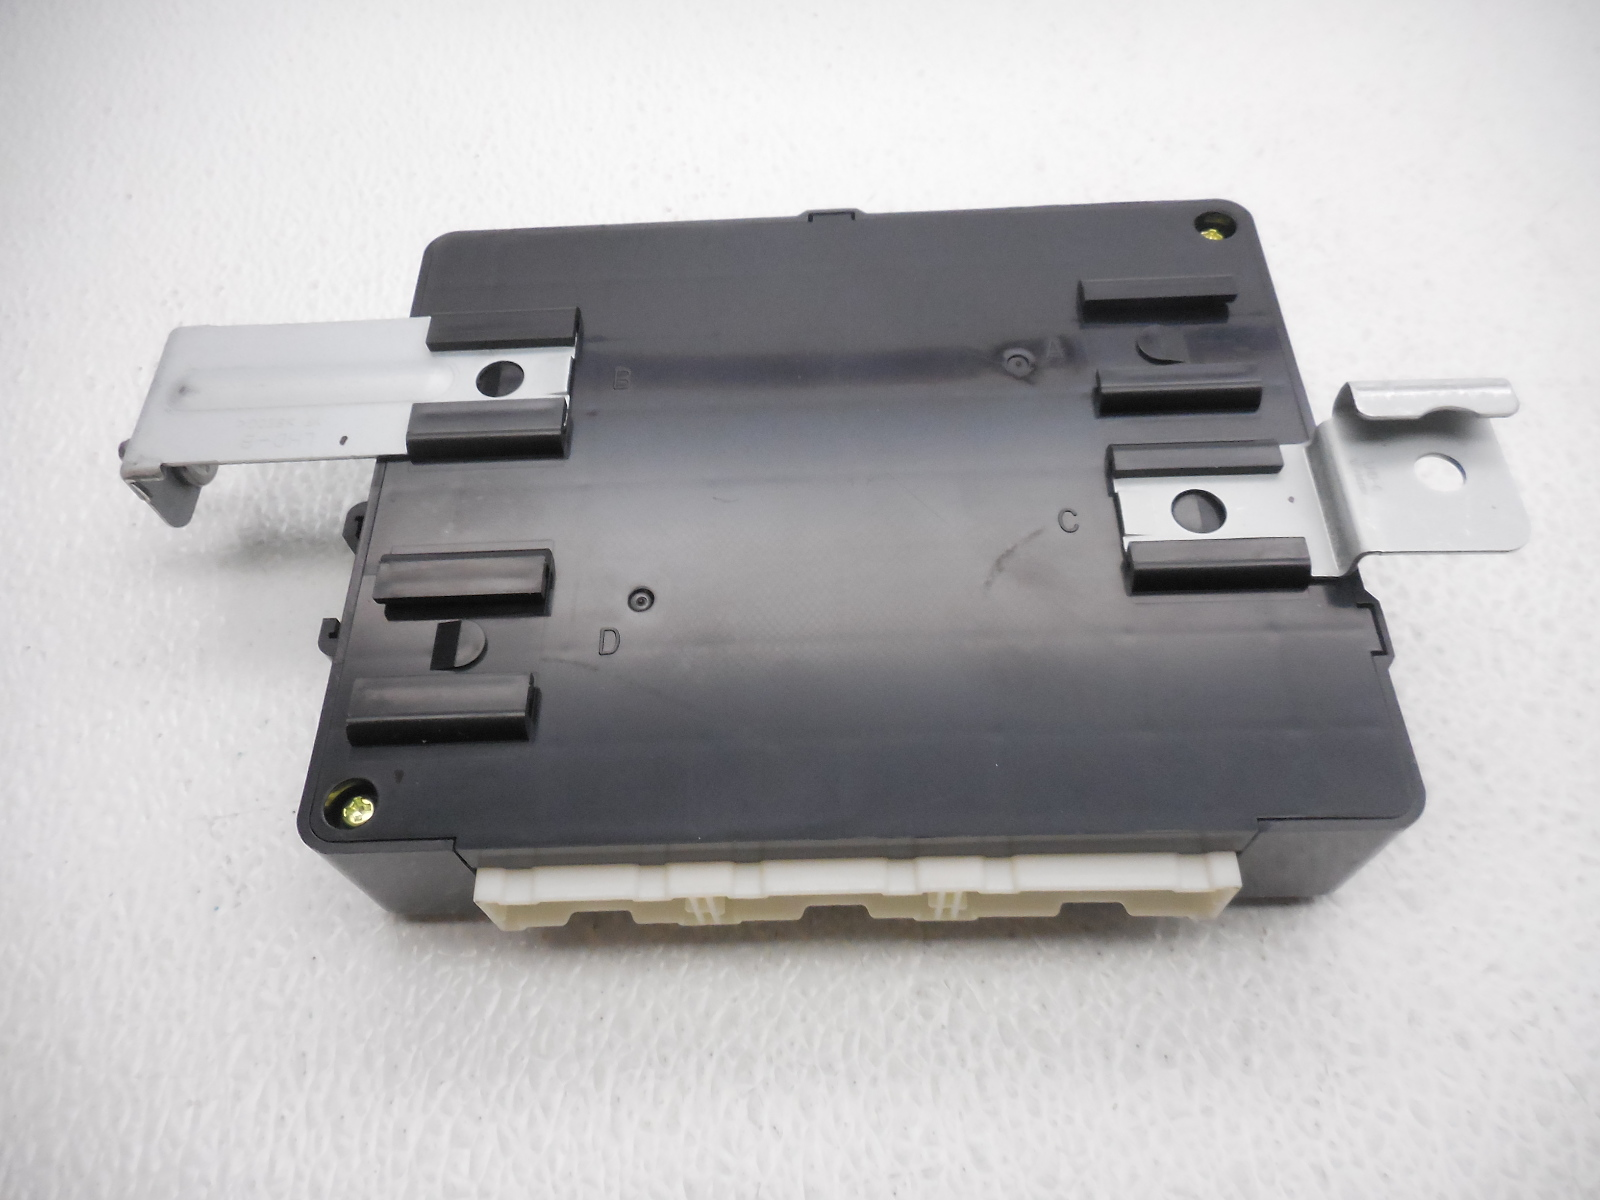 Oem 2012 2014 Hyundai Sonata Key Less Entry Module